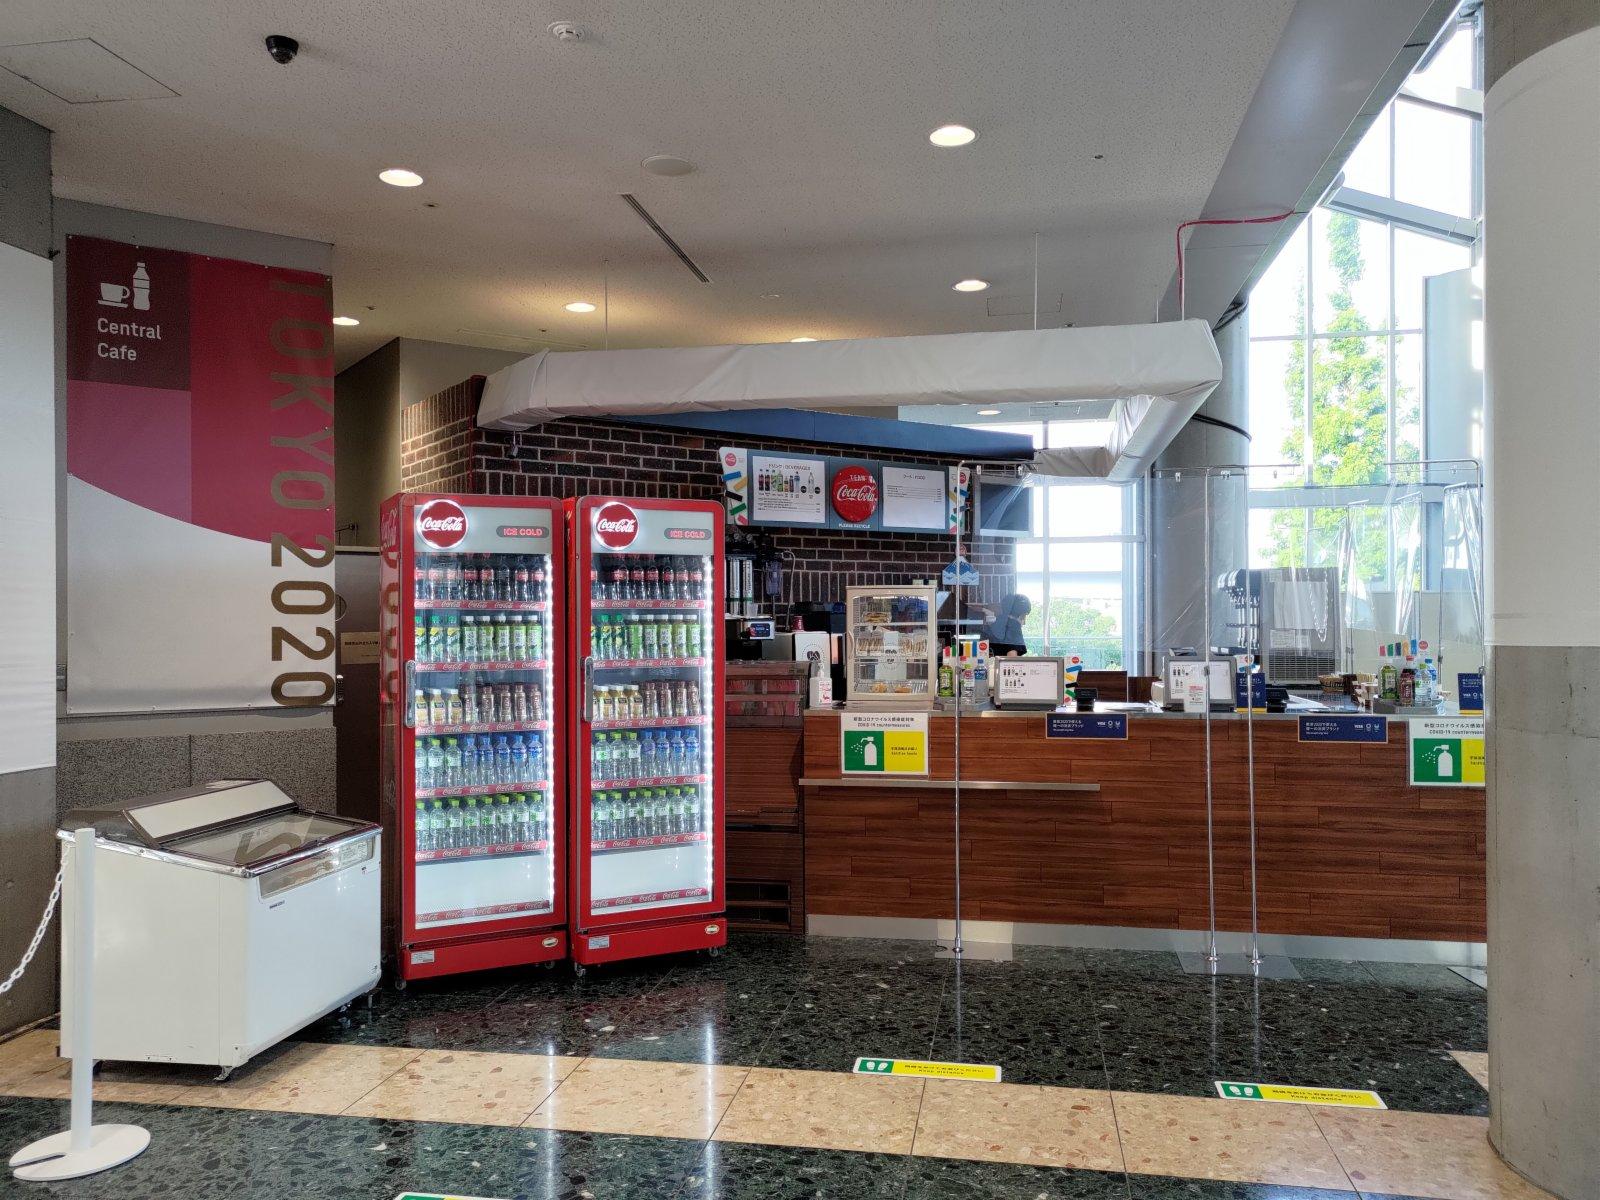 傳媒中心內有cafe。(大公報記者 張銳 攝)